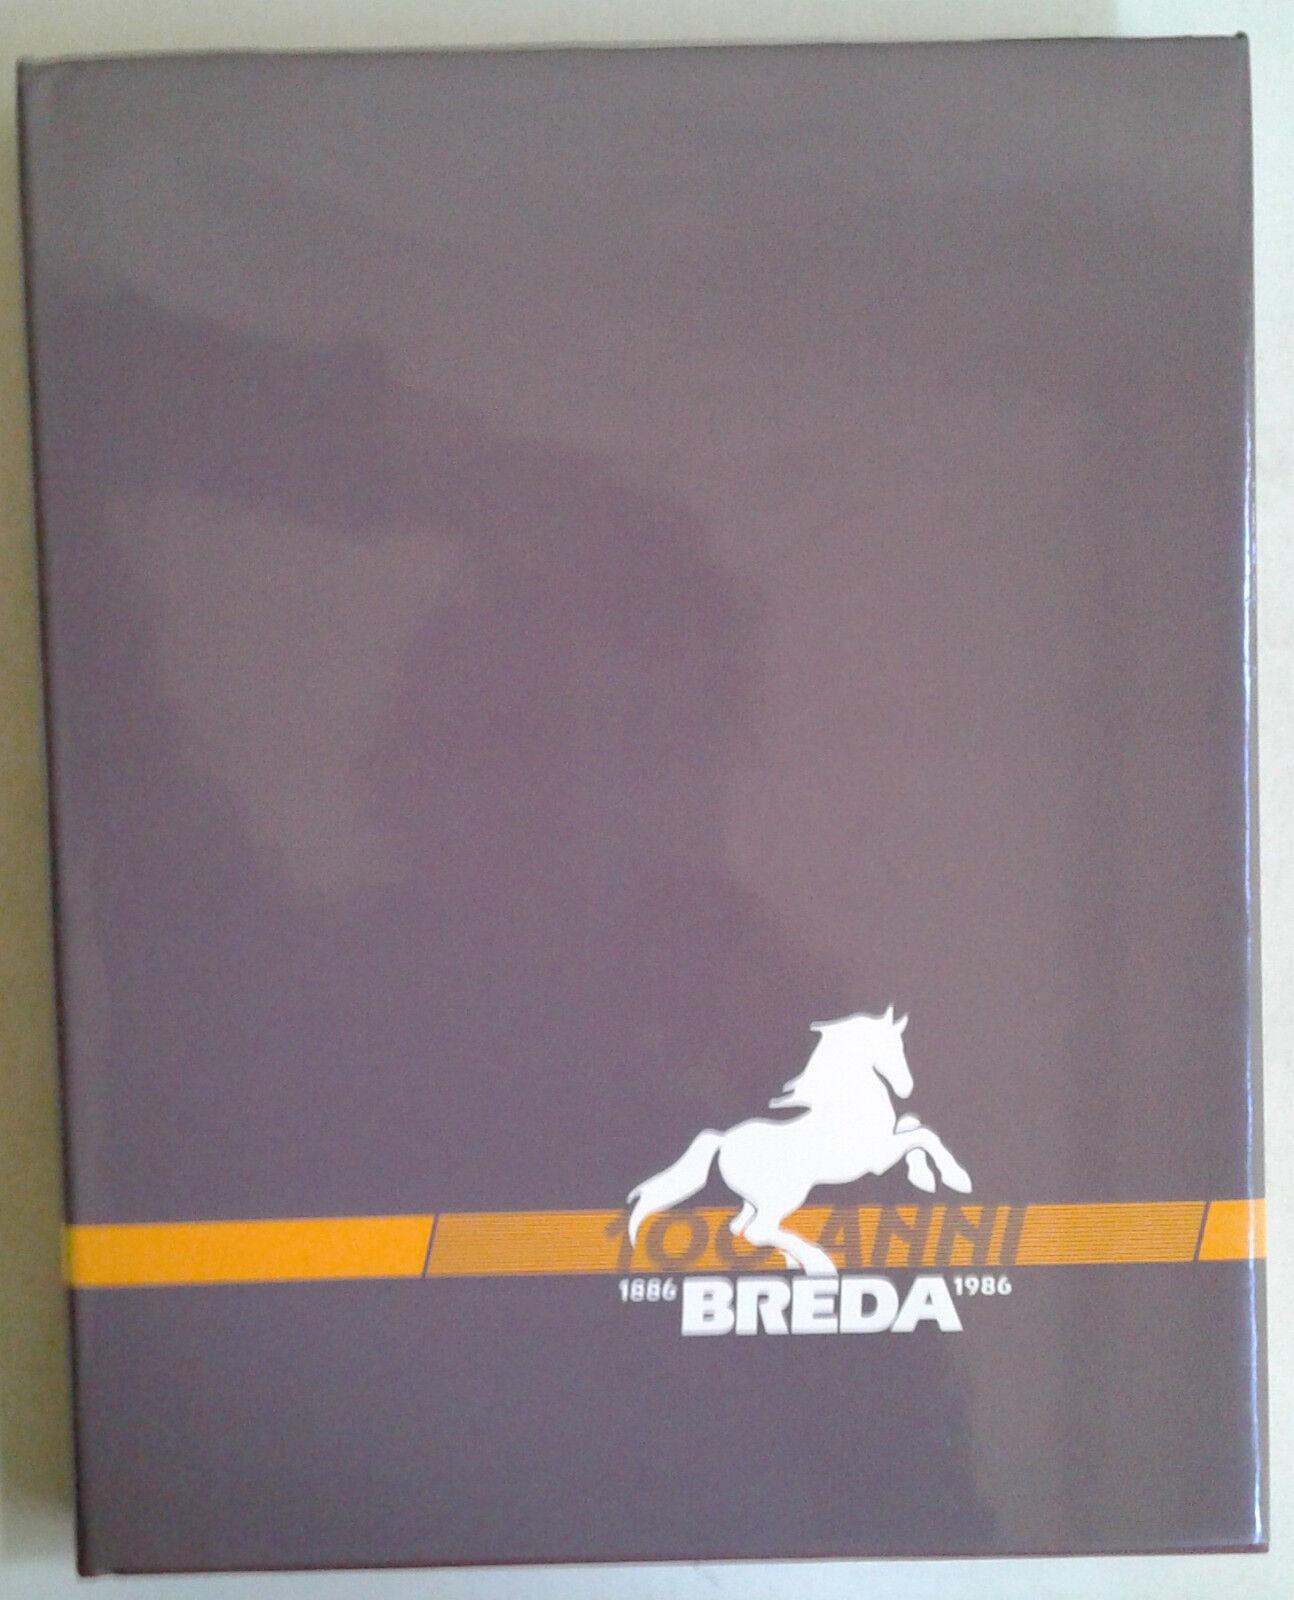 La Breda 1886/1986